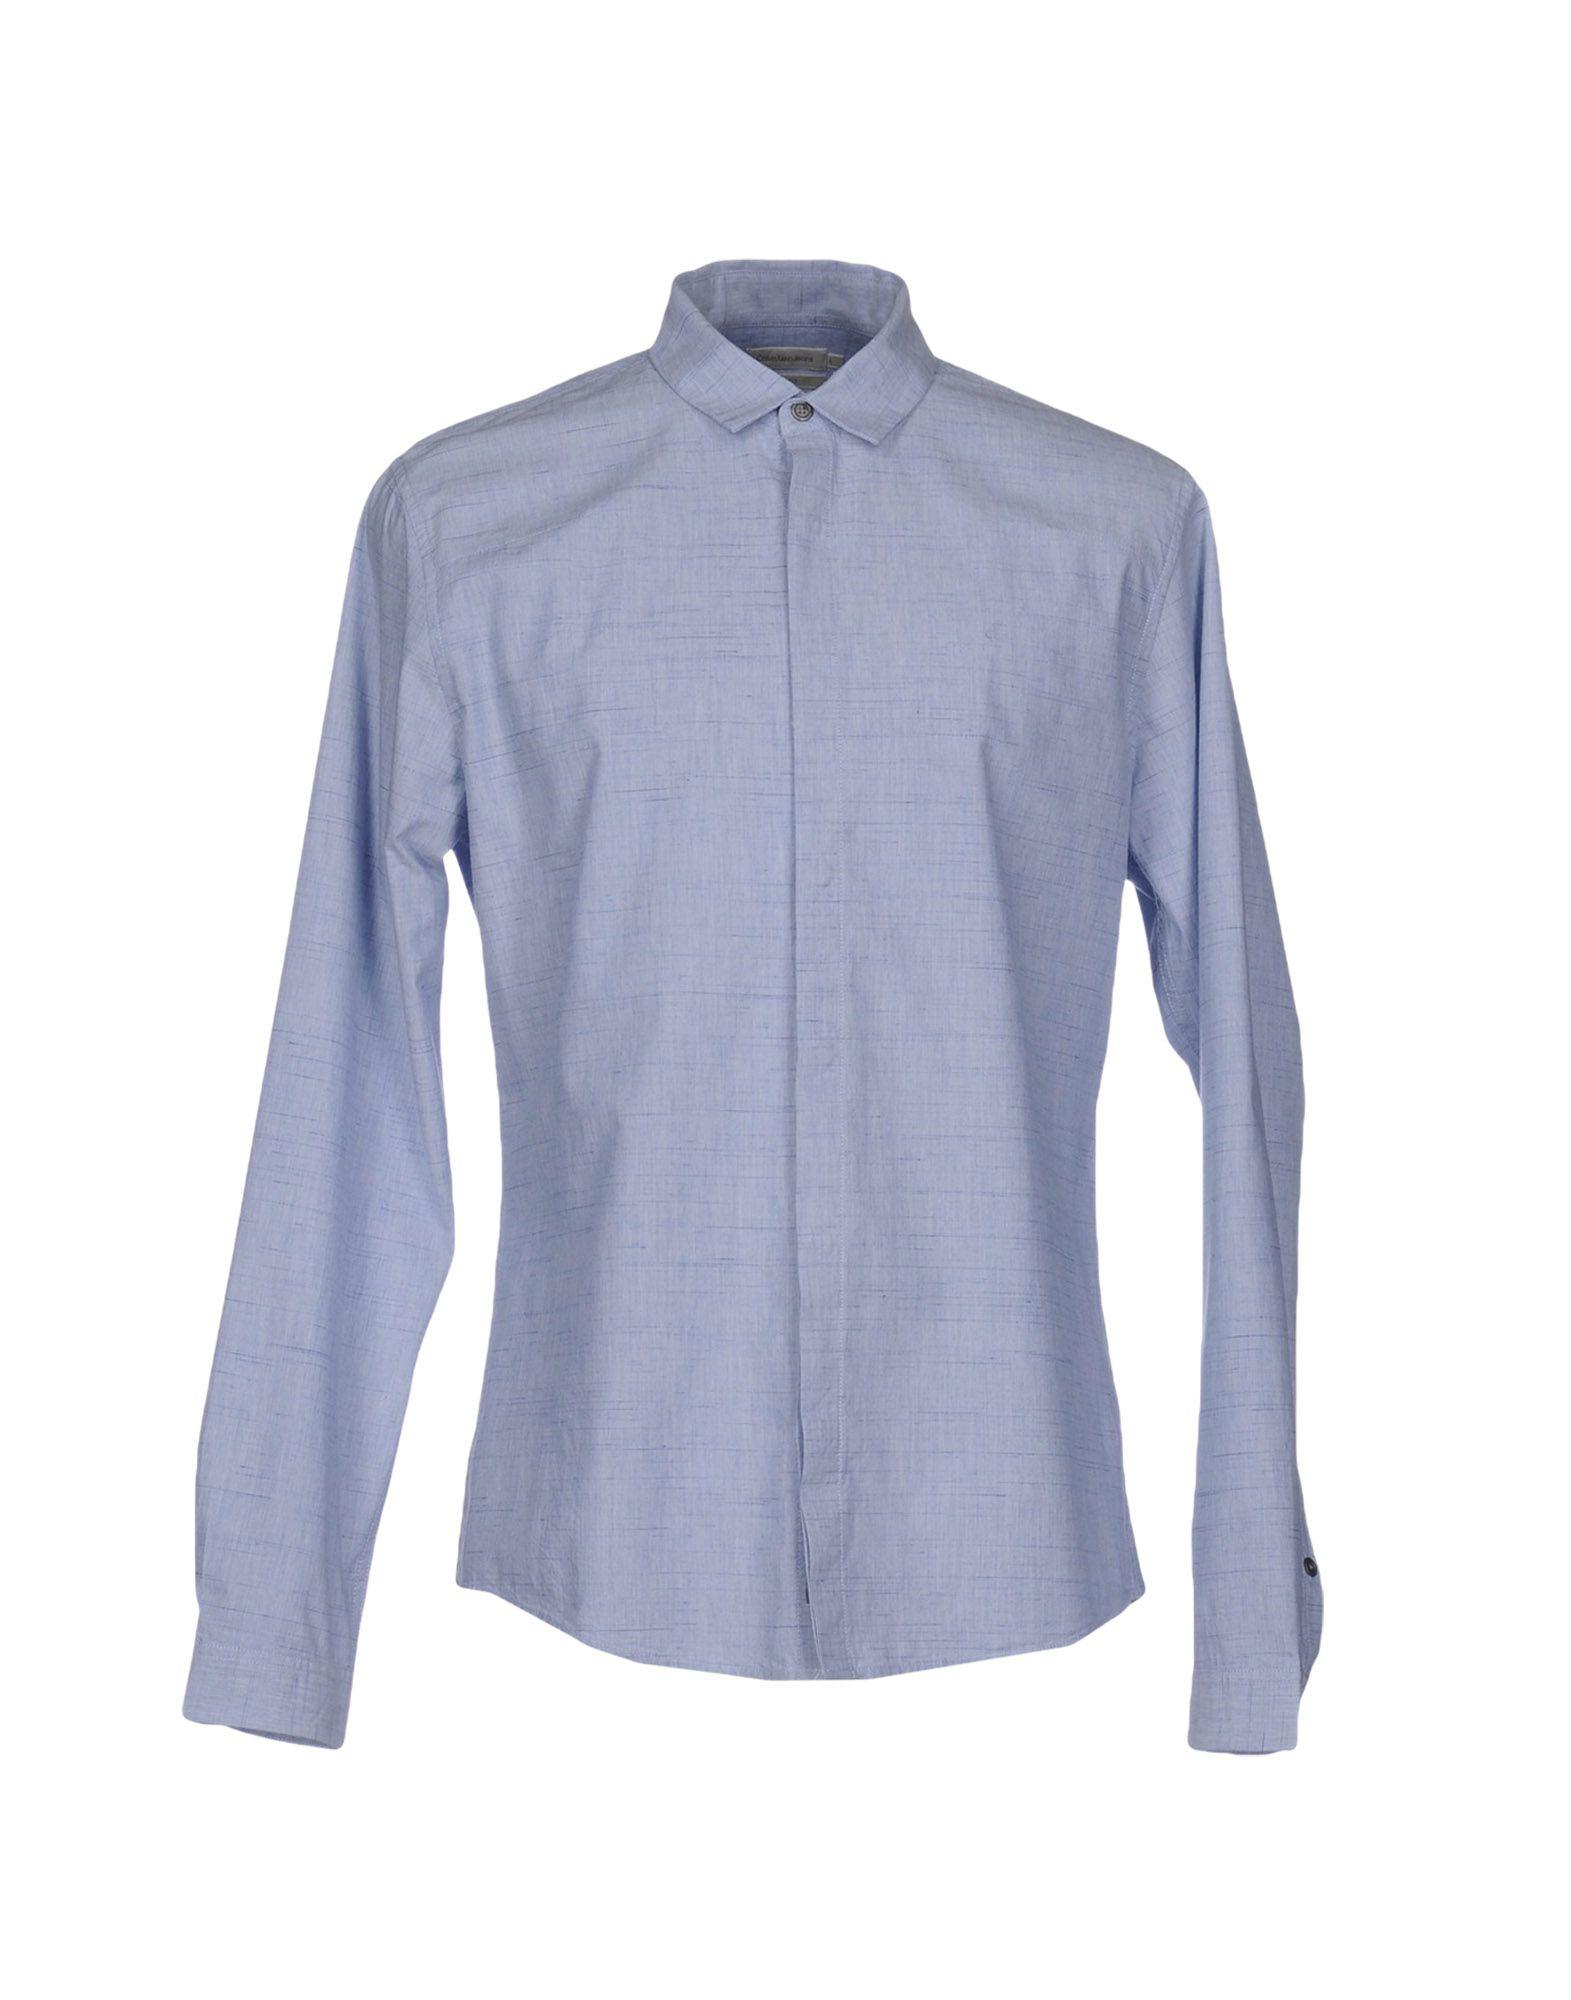 Acheter chemise calvin klein homme pas cher 4f88e7811ed